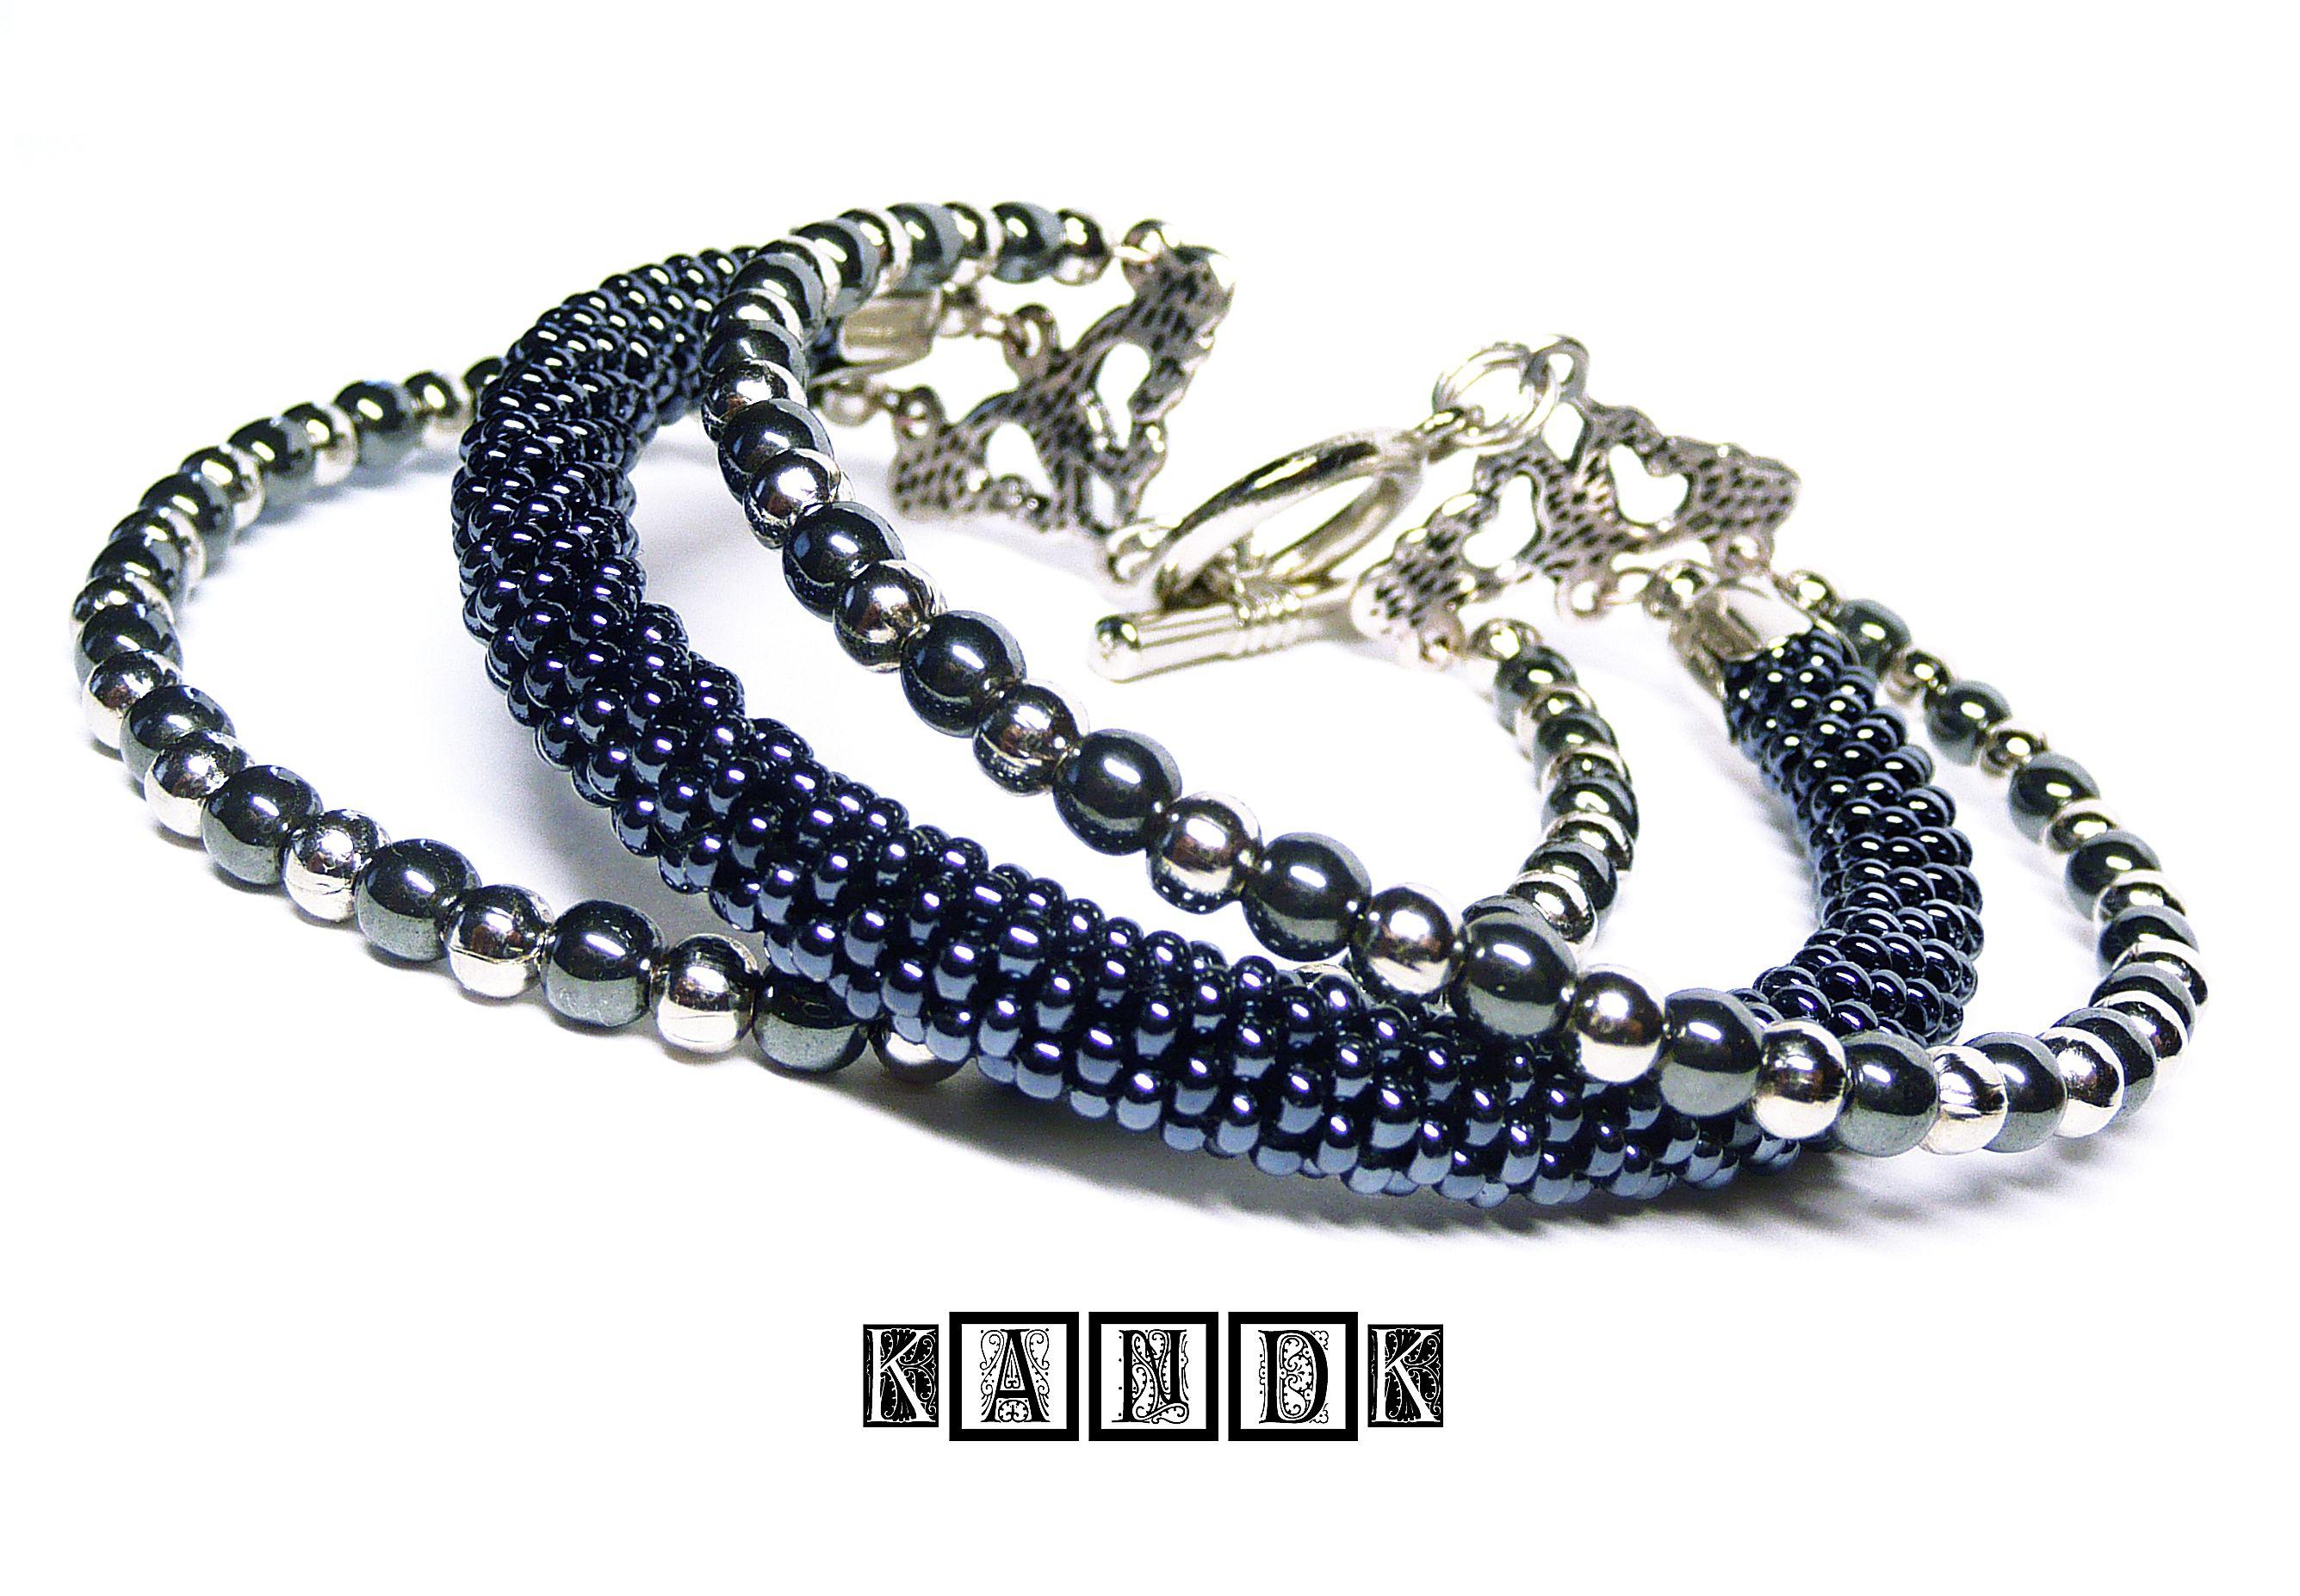 bracelet beads kandk czech